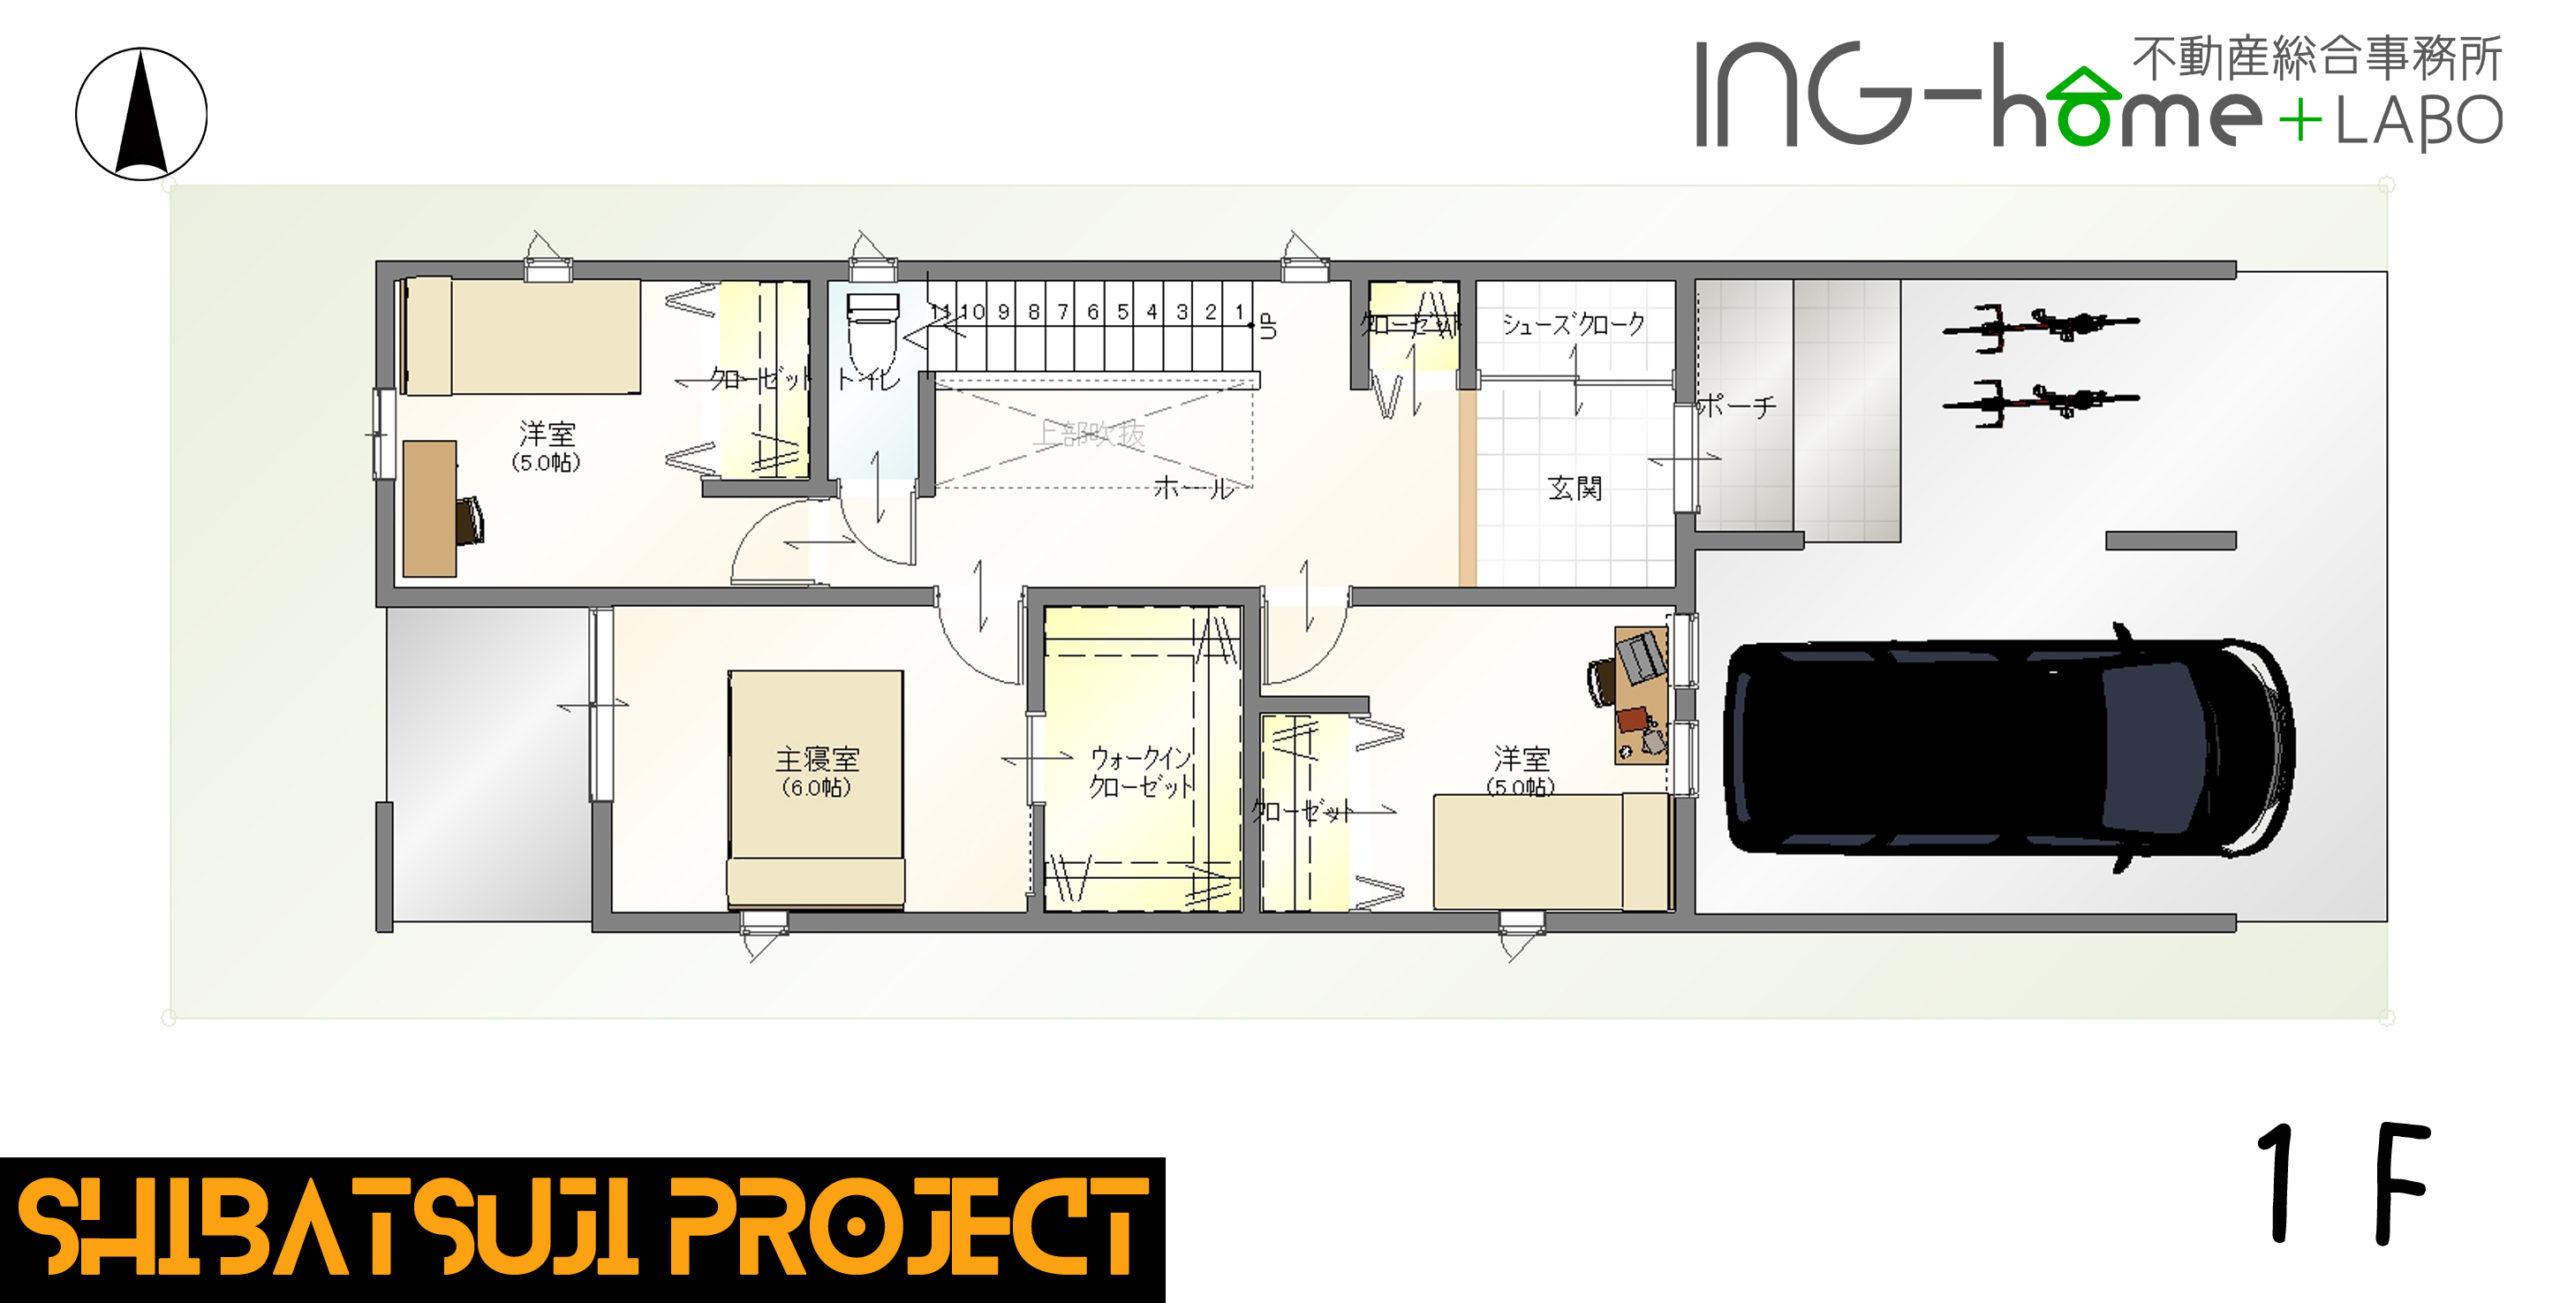 ING-home plan(間取)